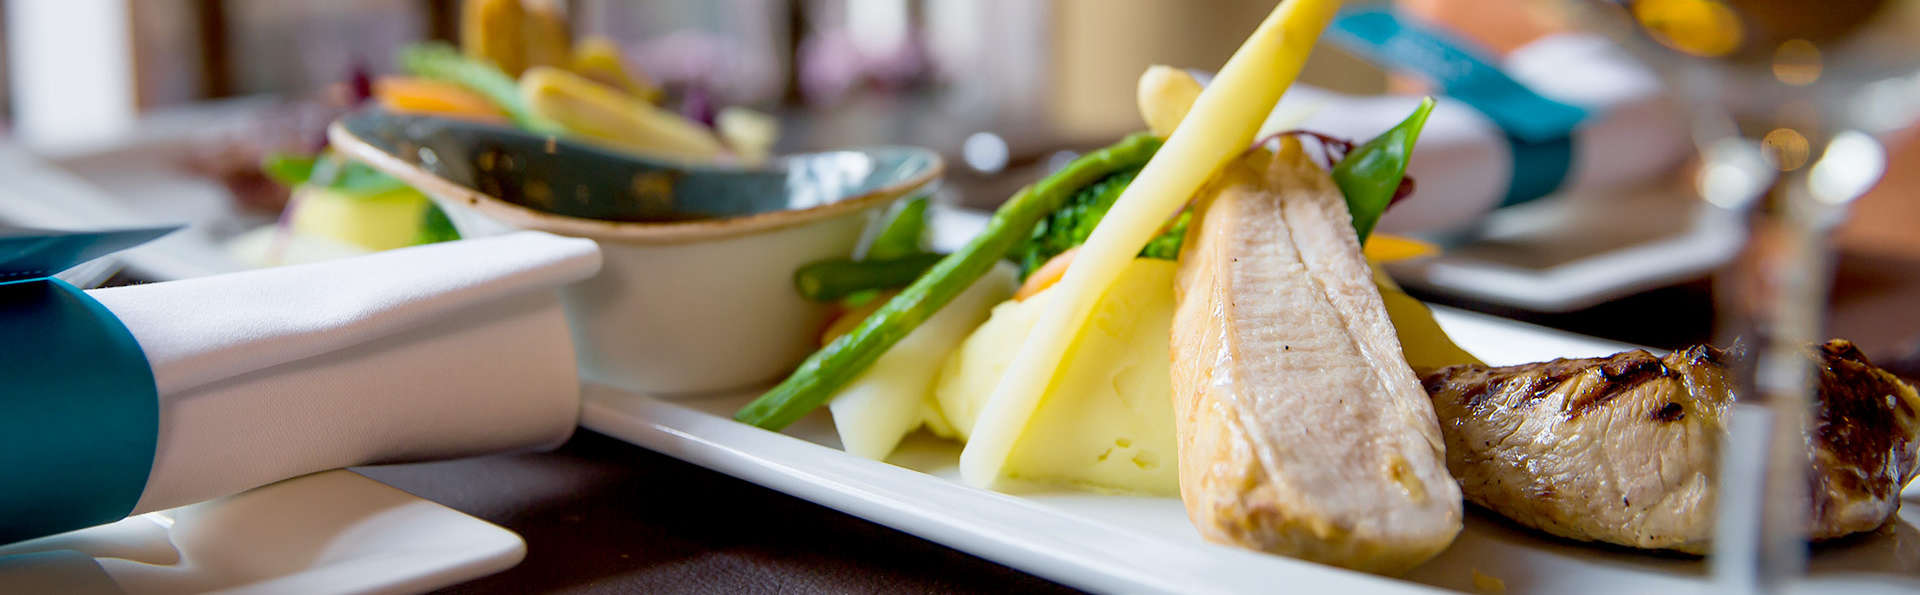 Lujo, confort y delicias culinarias en el hermoso Limburgo (desde 2 noches)